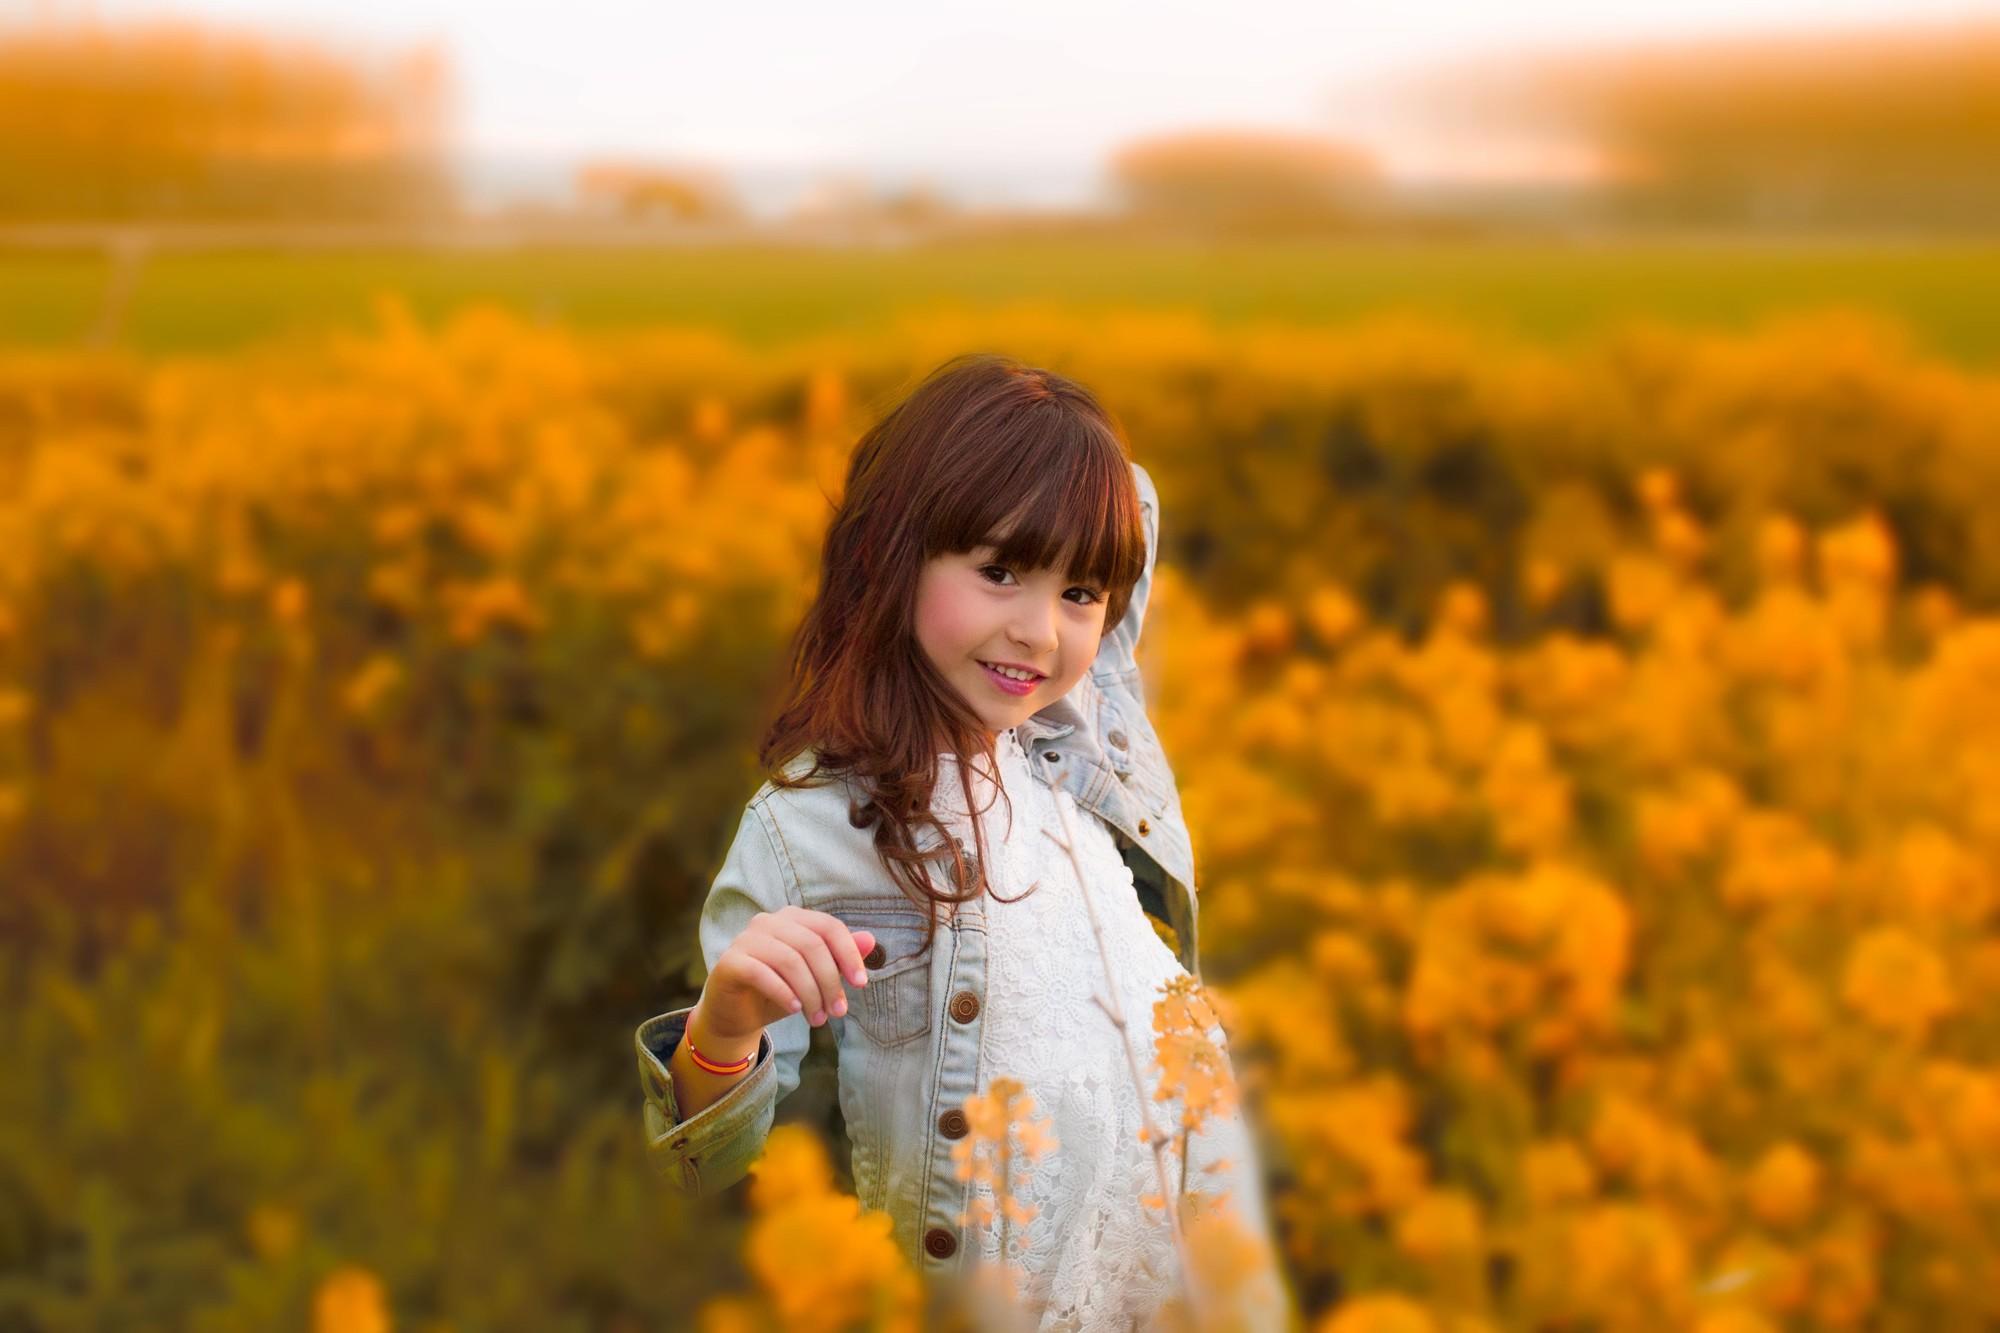 fotografos-niños-malaga-d